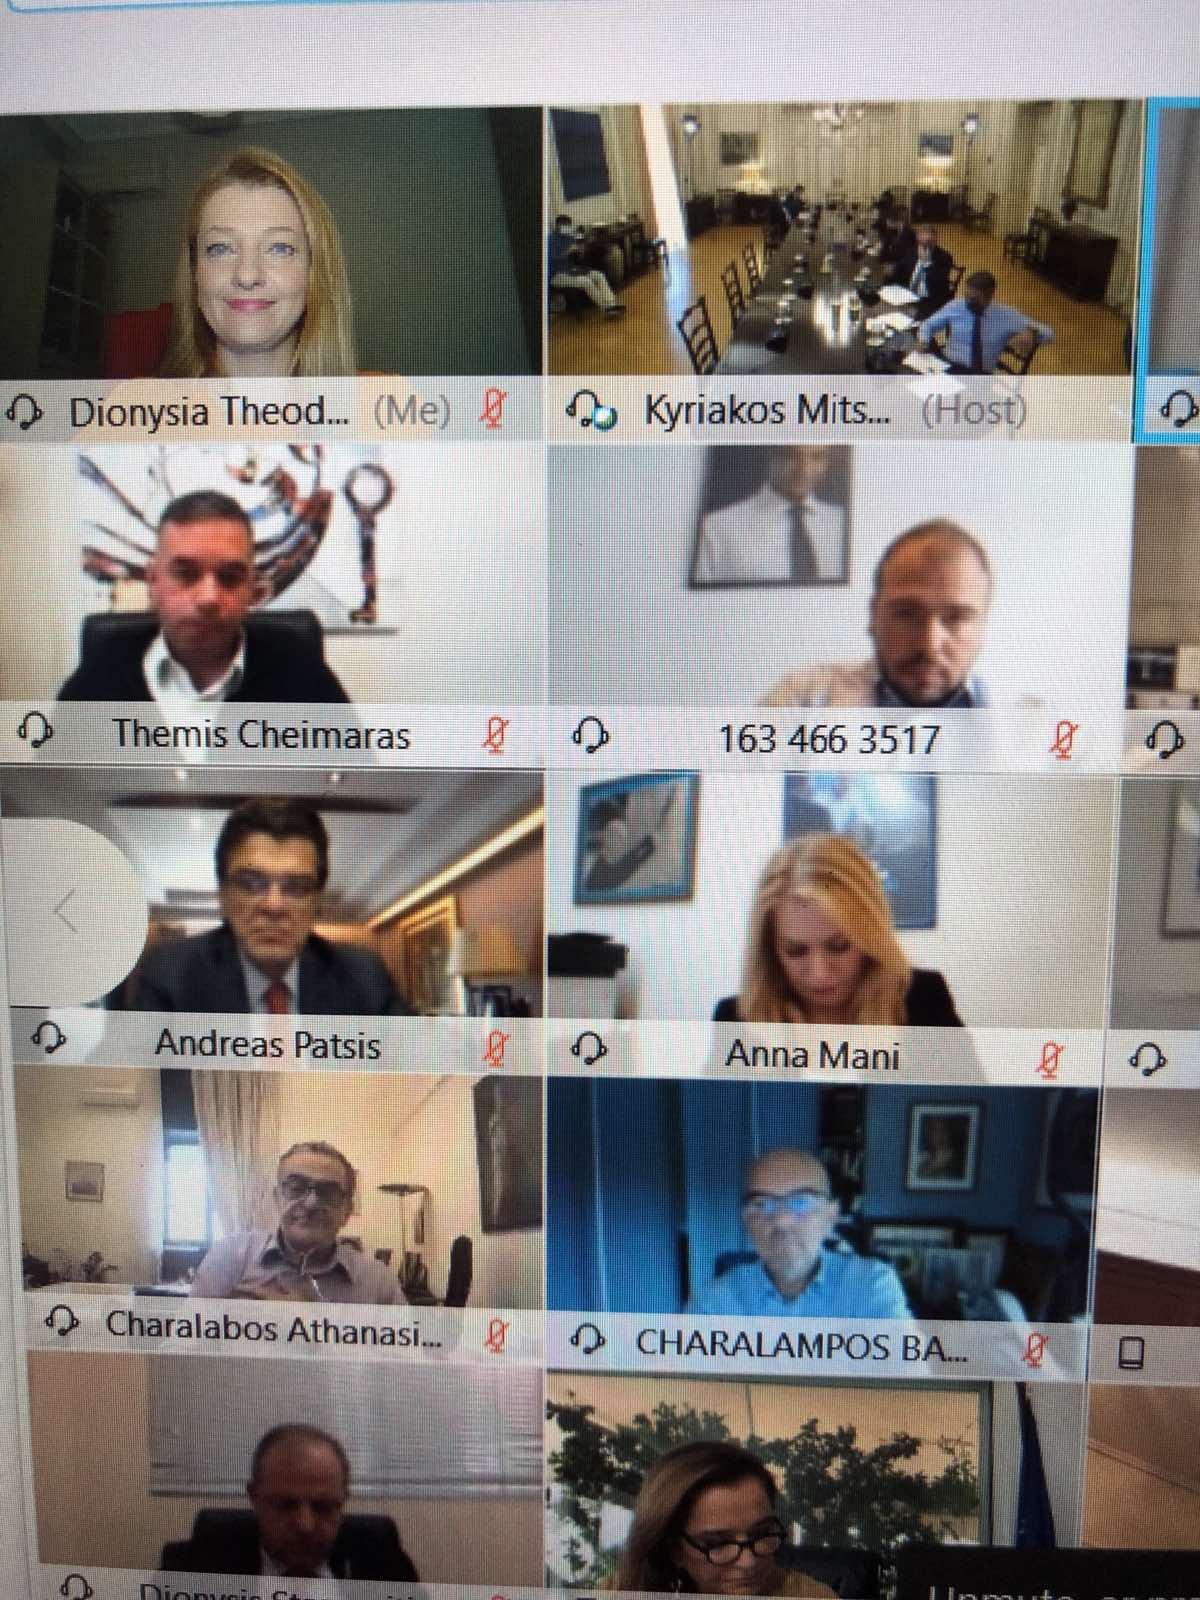 Αυγερινοπούλου: Συνάντηση Πρωθυπουργού με την ΚΟ ΝΔ- Προτεραιότητες ο αυτοκινητόδρομος Πάτρας – Πύργου, η στελέχωση των νοσοκομείων και η προσέλκυση επενδύσεων για αντιμετώπιση της ανεργίας